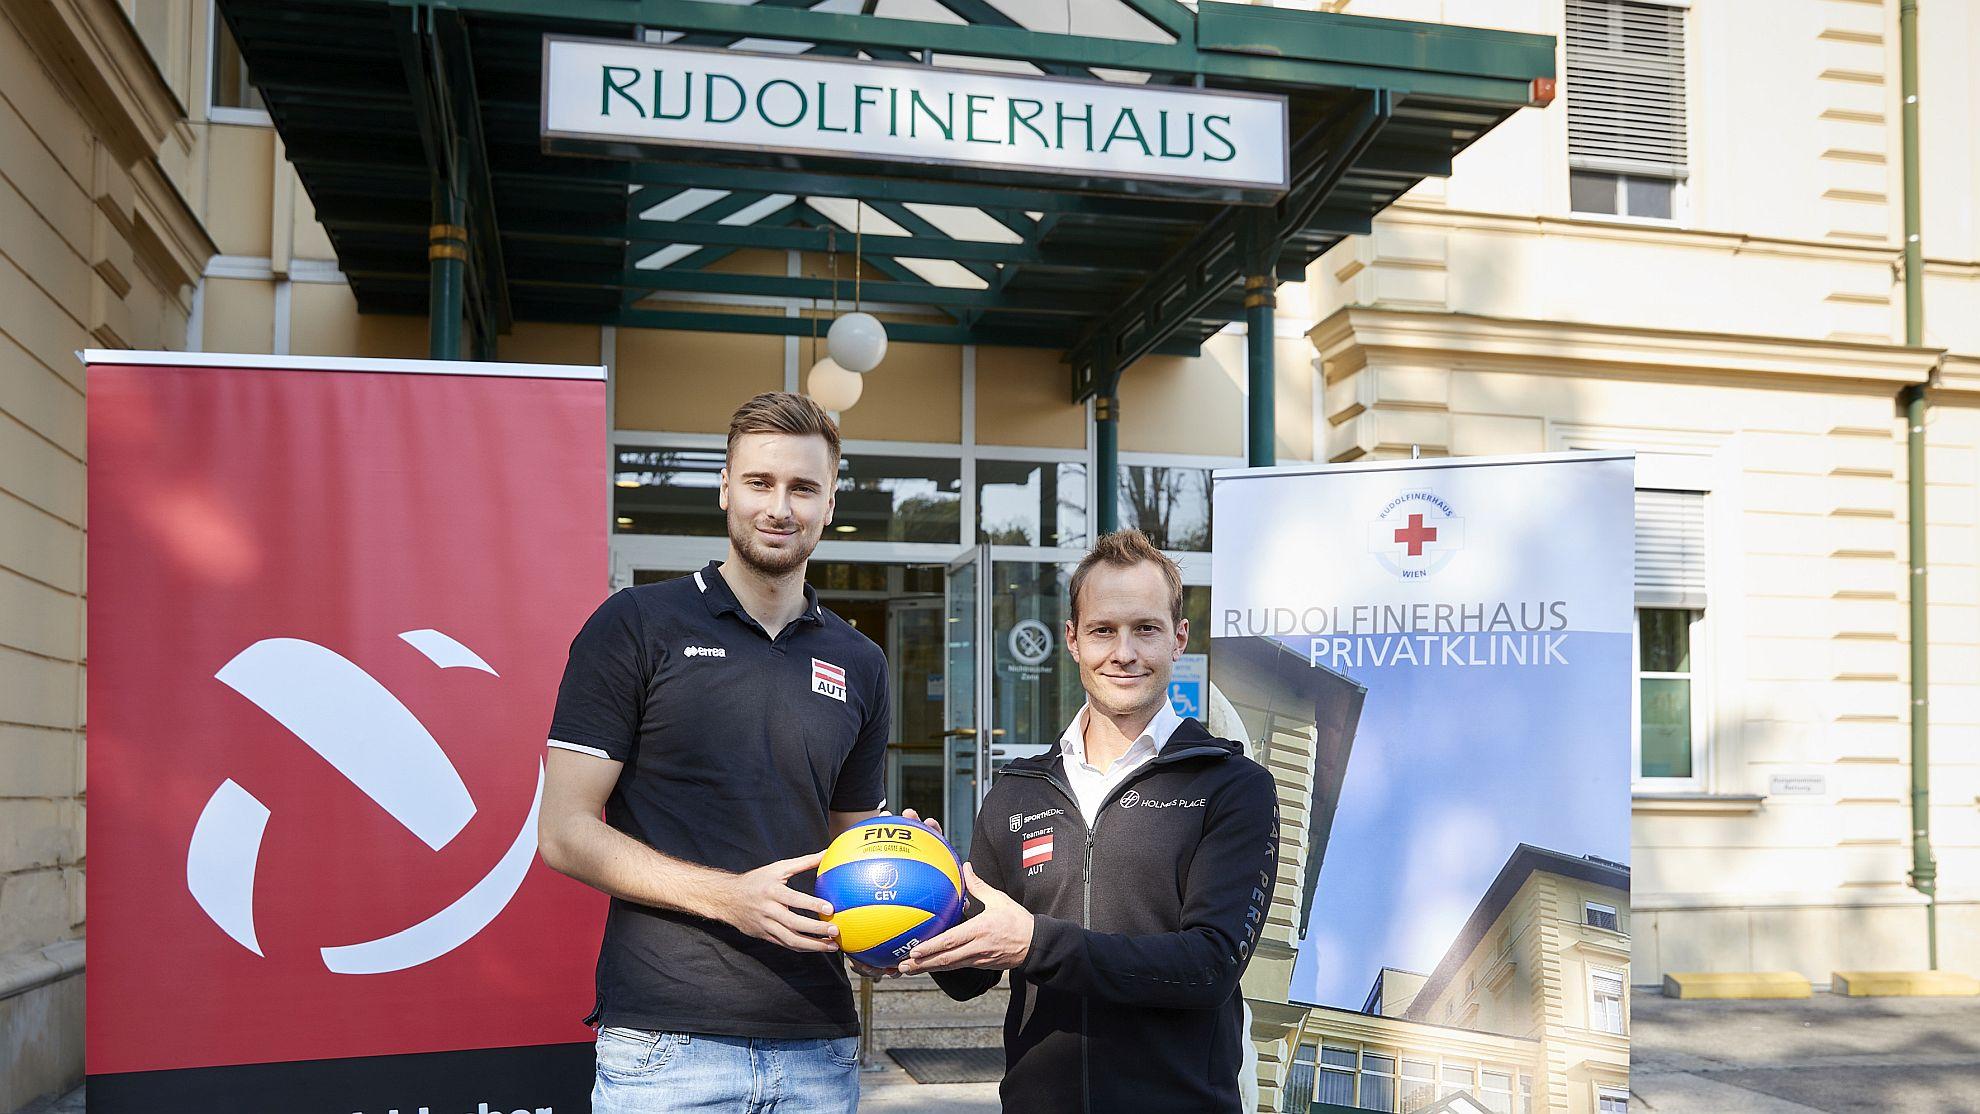 Paul Buchegger mit Lukas Brandner im Rudolfinerhaus - FOTO © Markus Wache